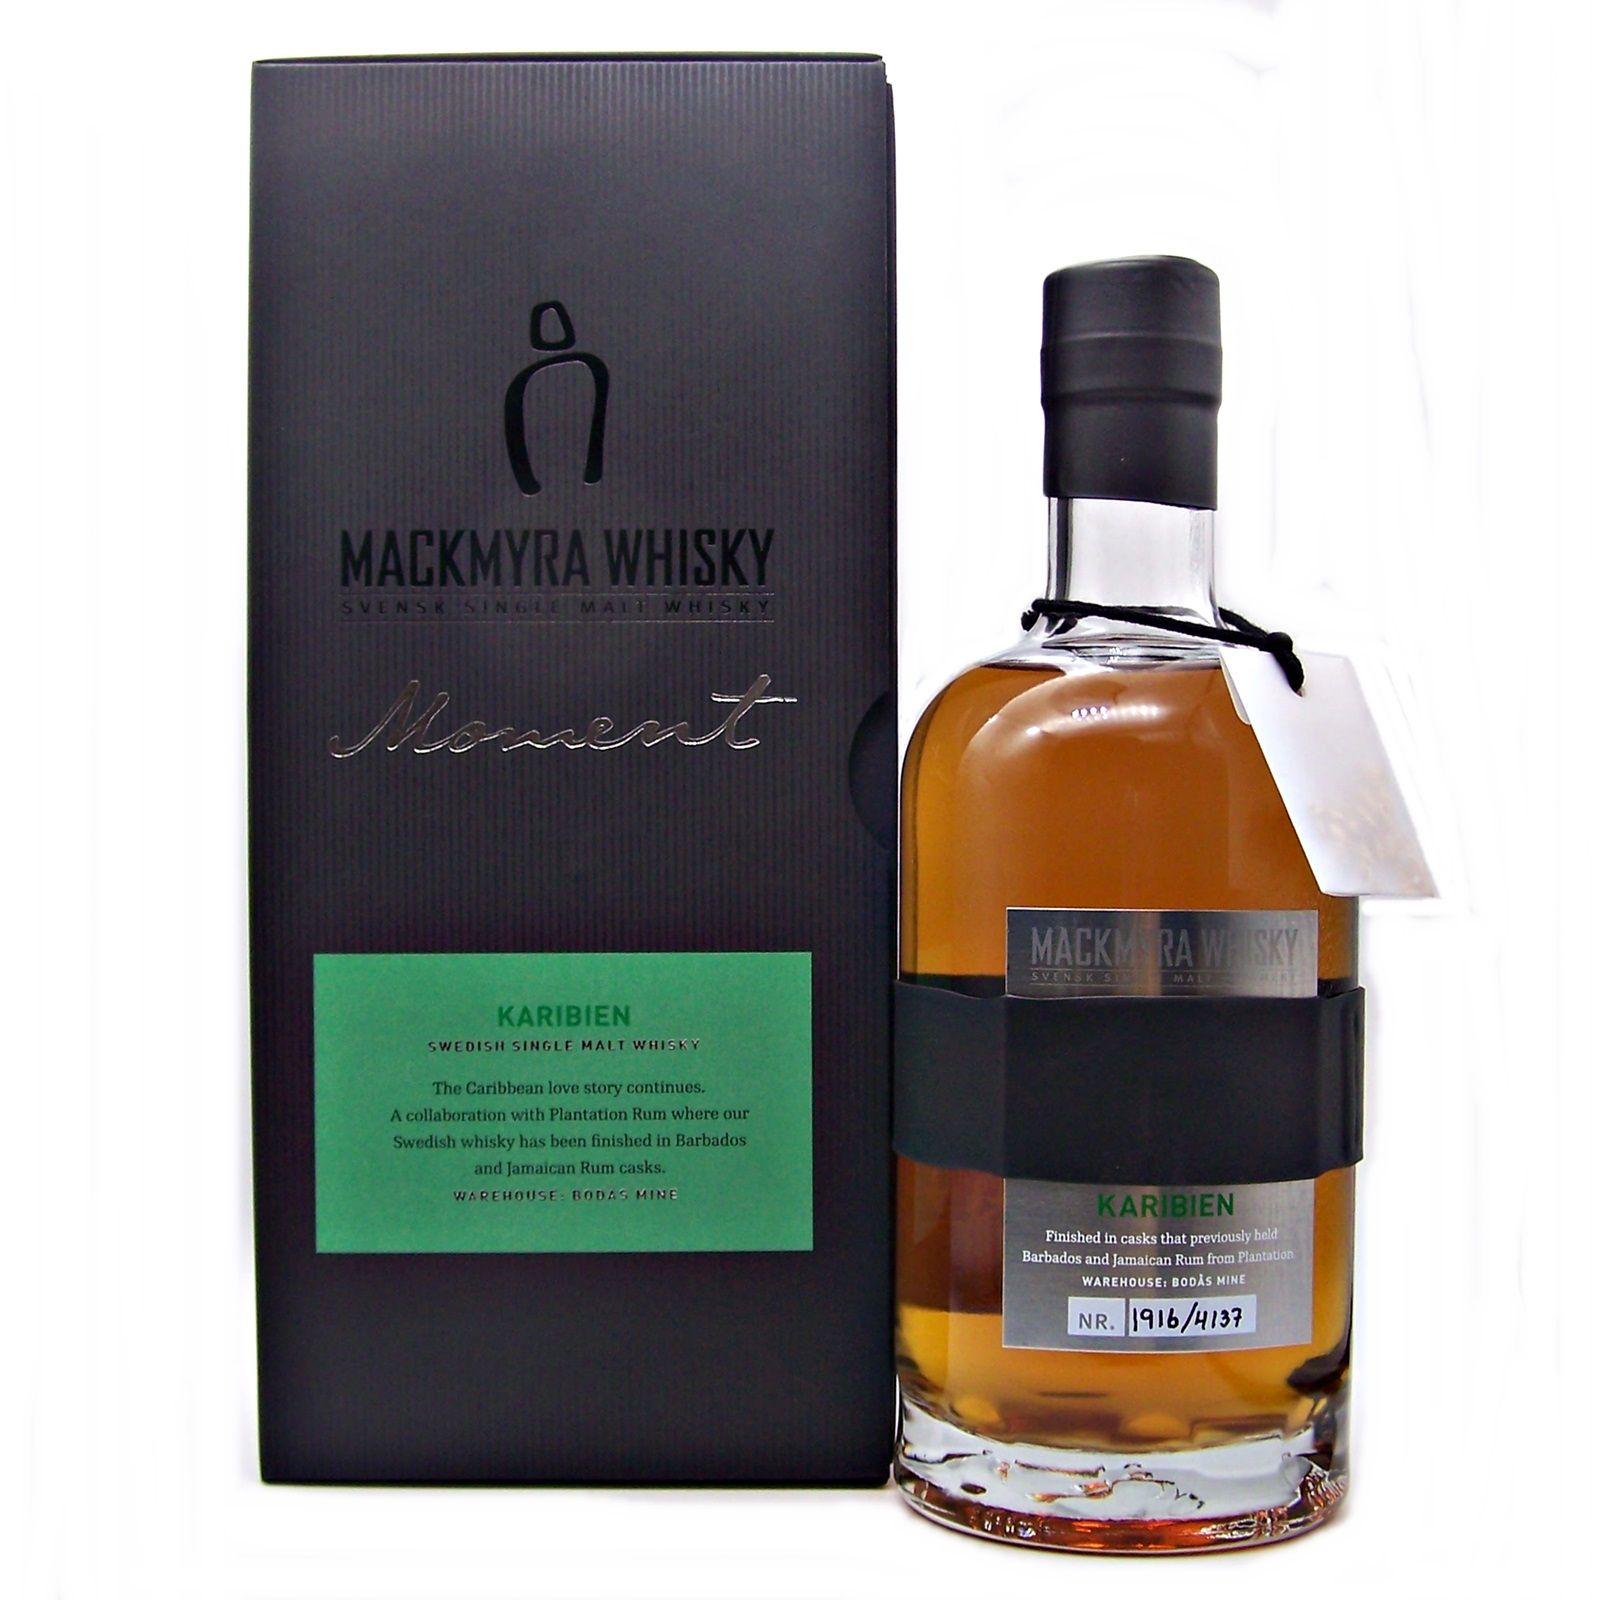 Mackmyra Karibien Swedish Whisky In 2019 Malt Whisky Whisky